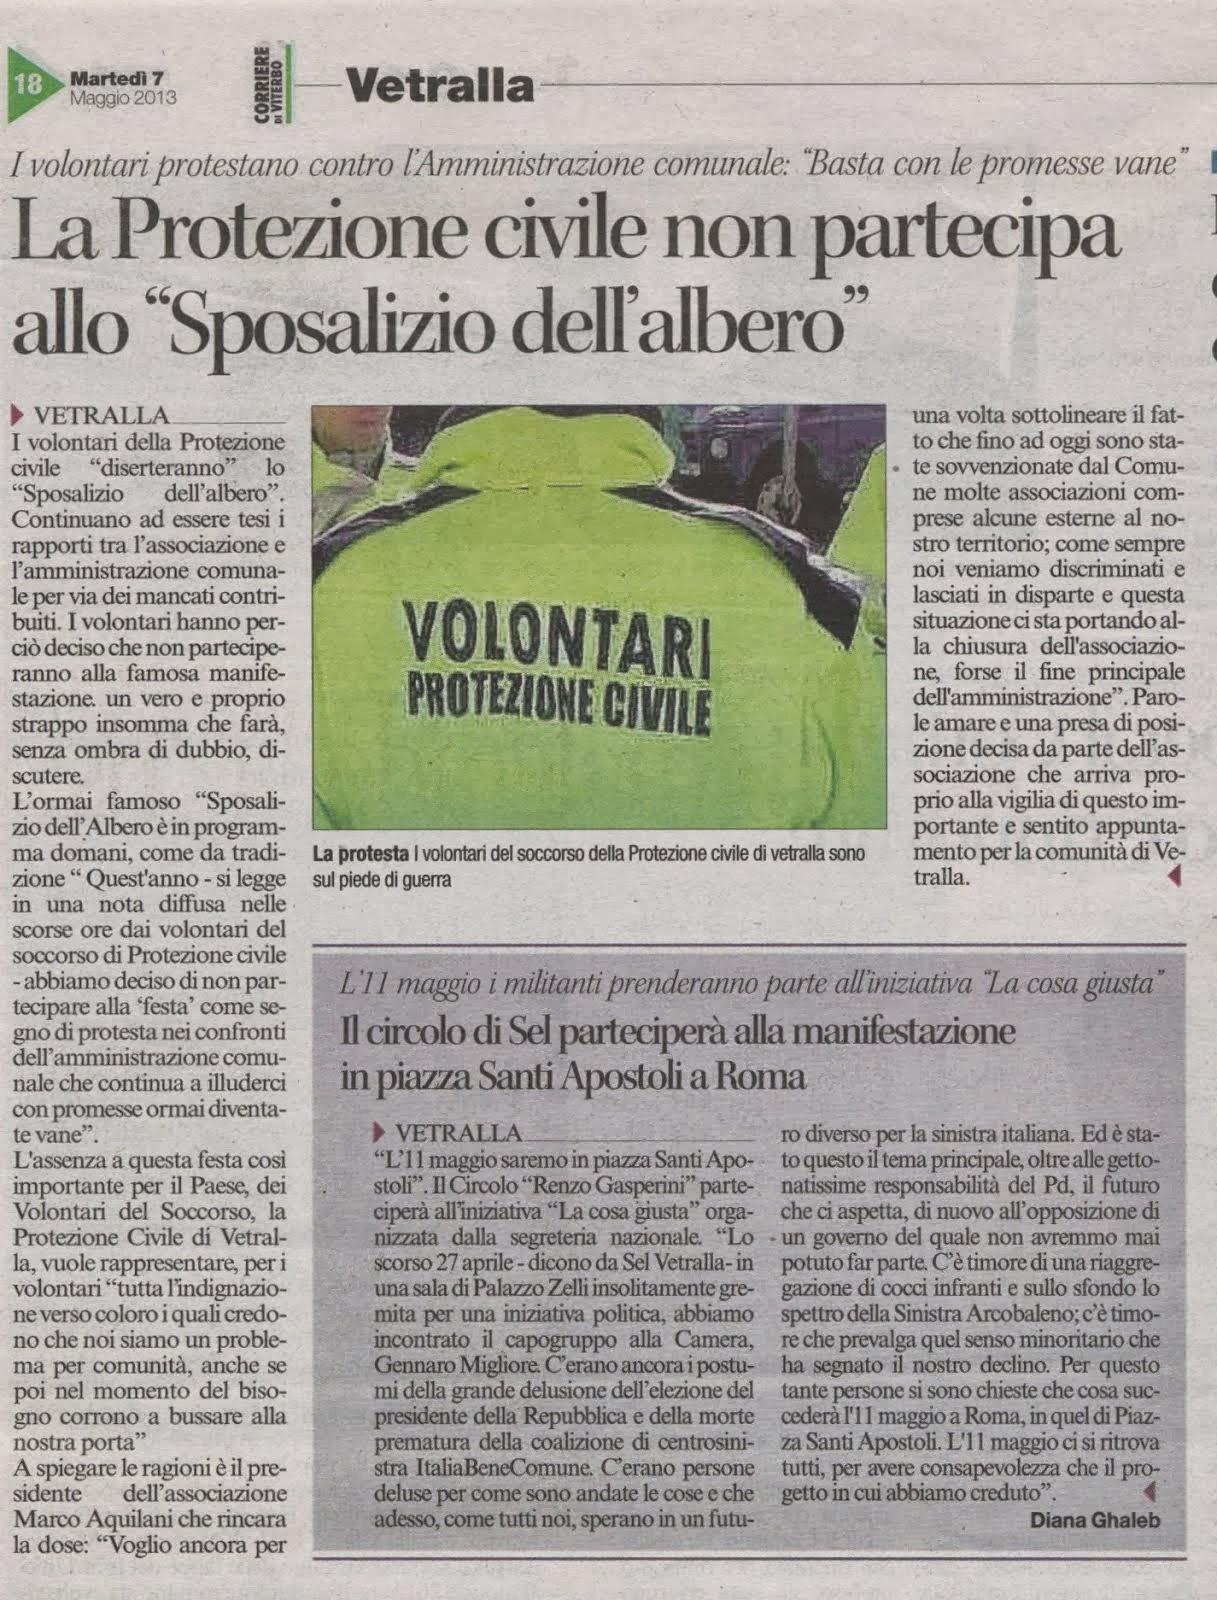 """Vetralla: La Protezione Civile non partecipa allo """"Sposalizio dell'albero"""""""